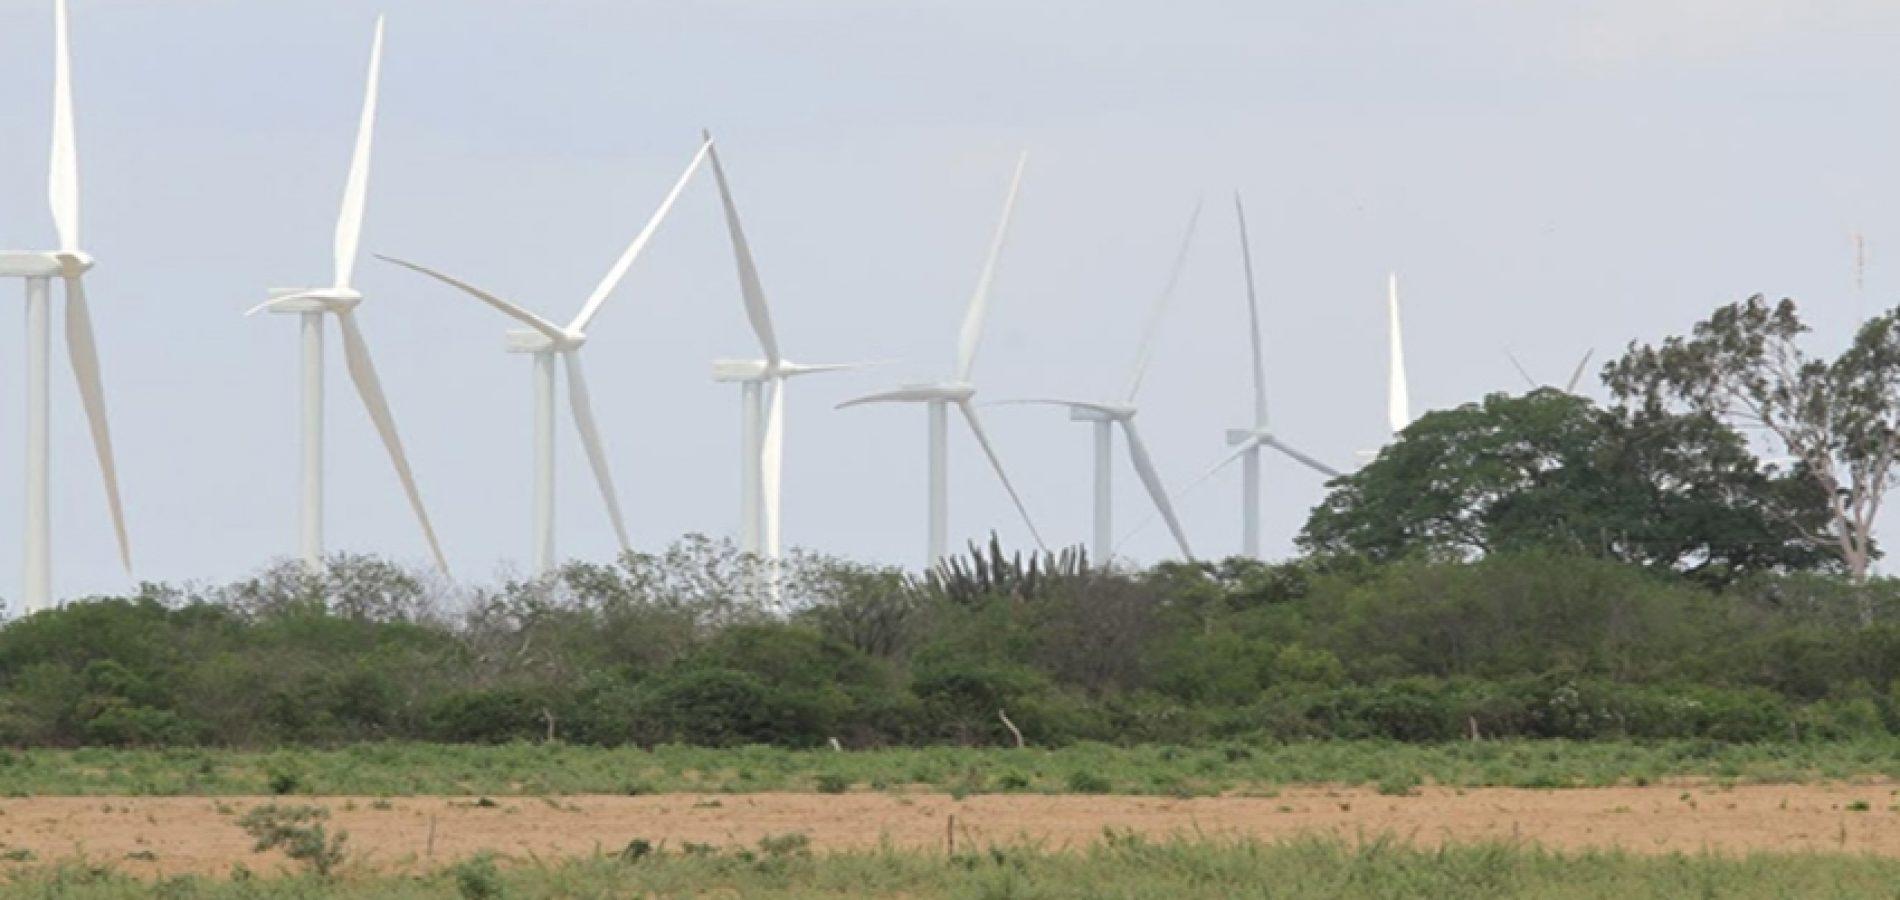 Votorantim anuncia investimentos em novos complexos eólicos em cidades do PI e PE